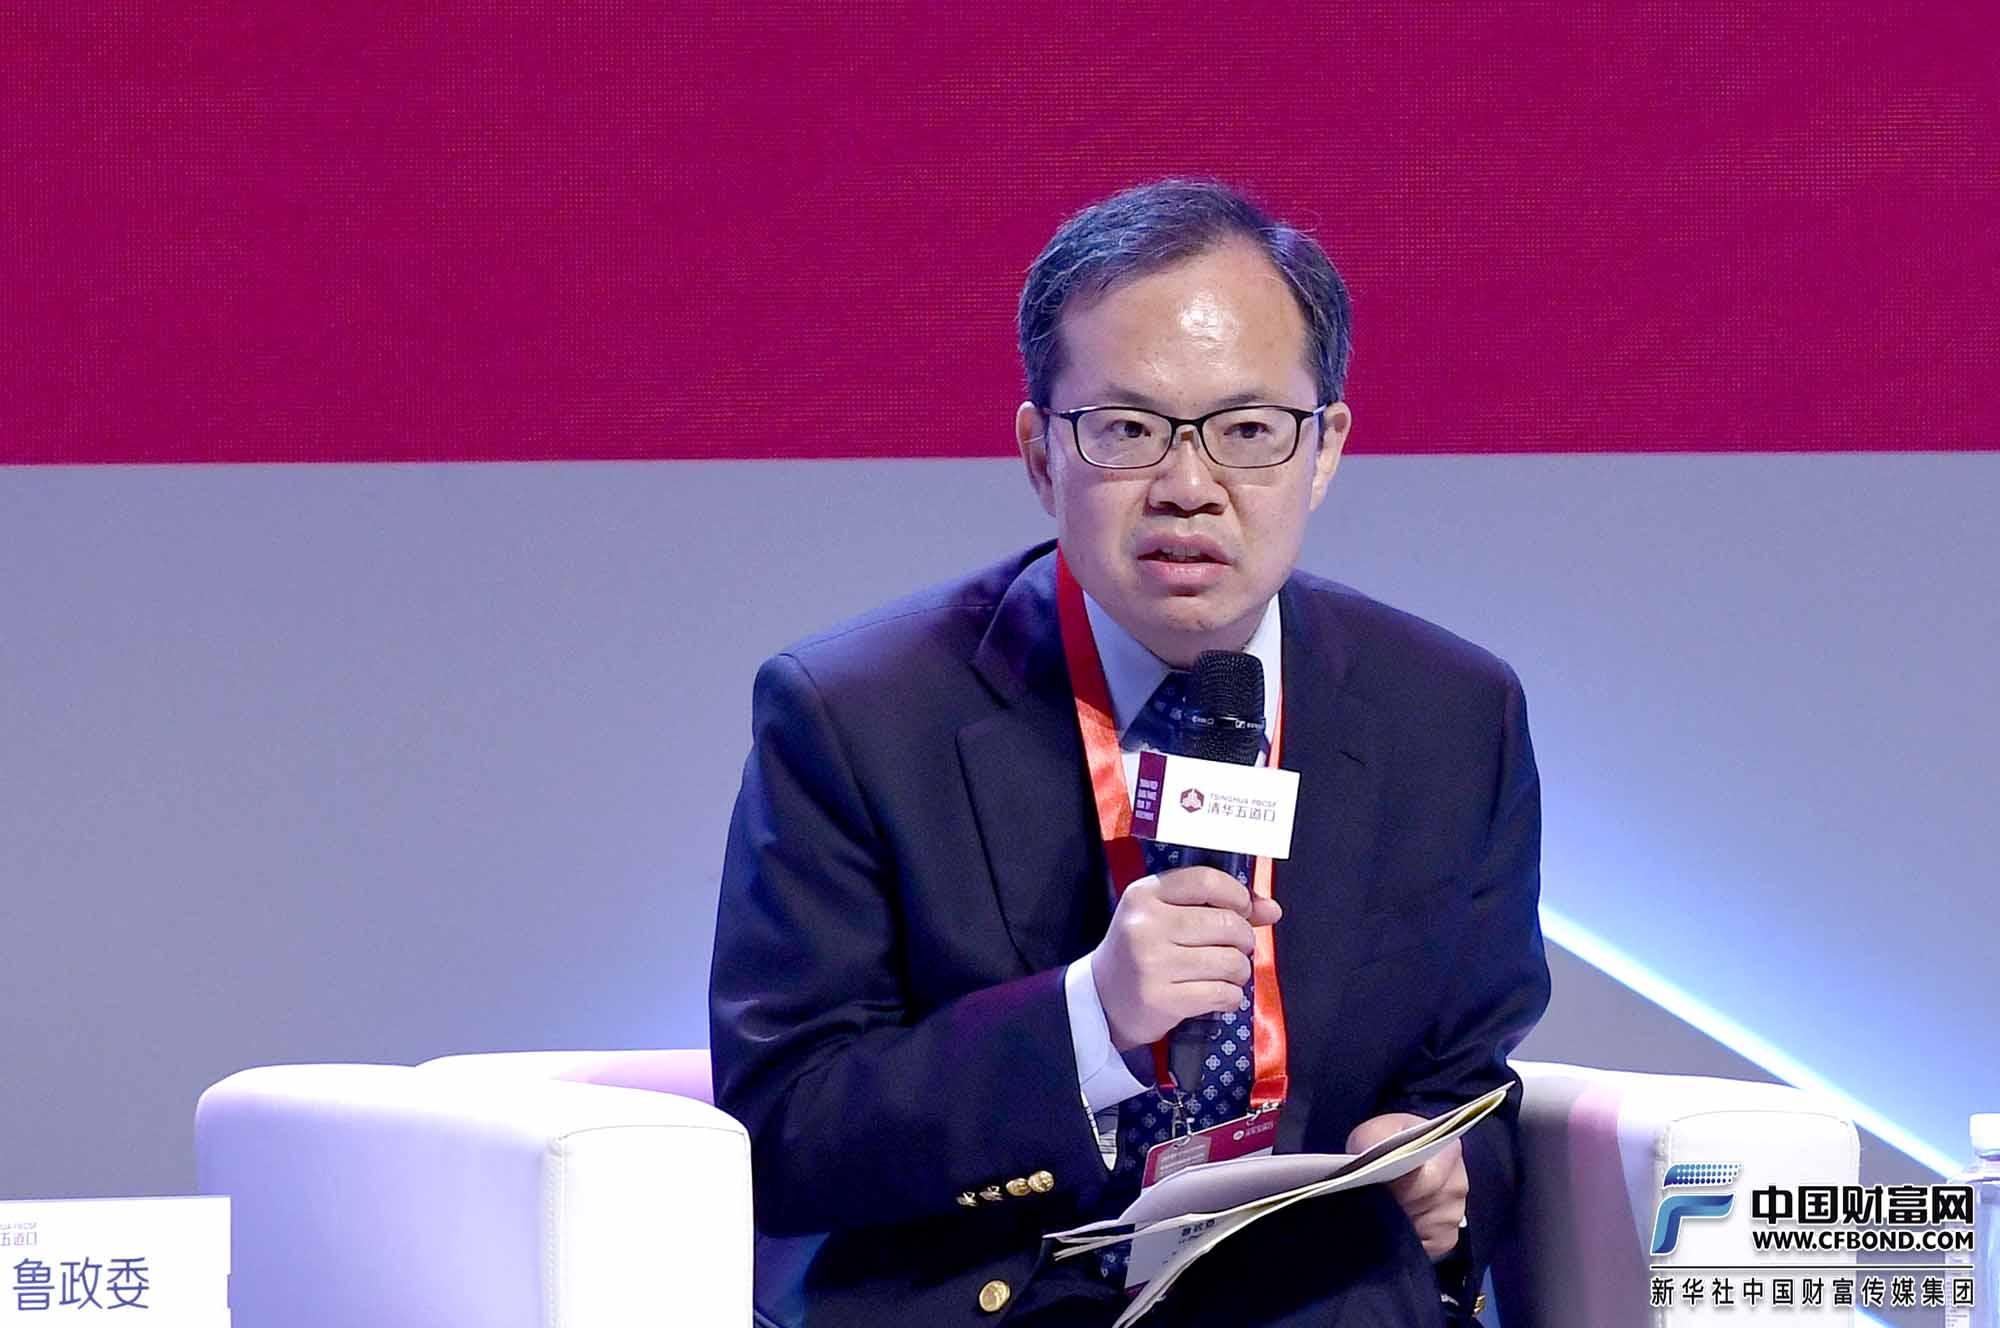 鲁政委:可以通过进一步发展第三产业来应对风险